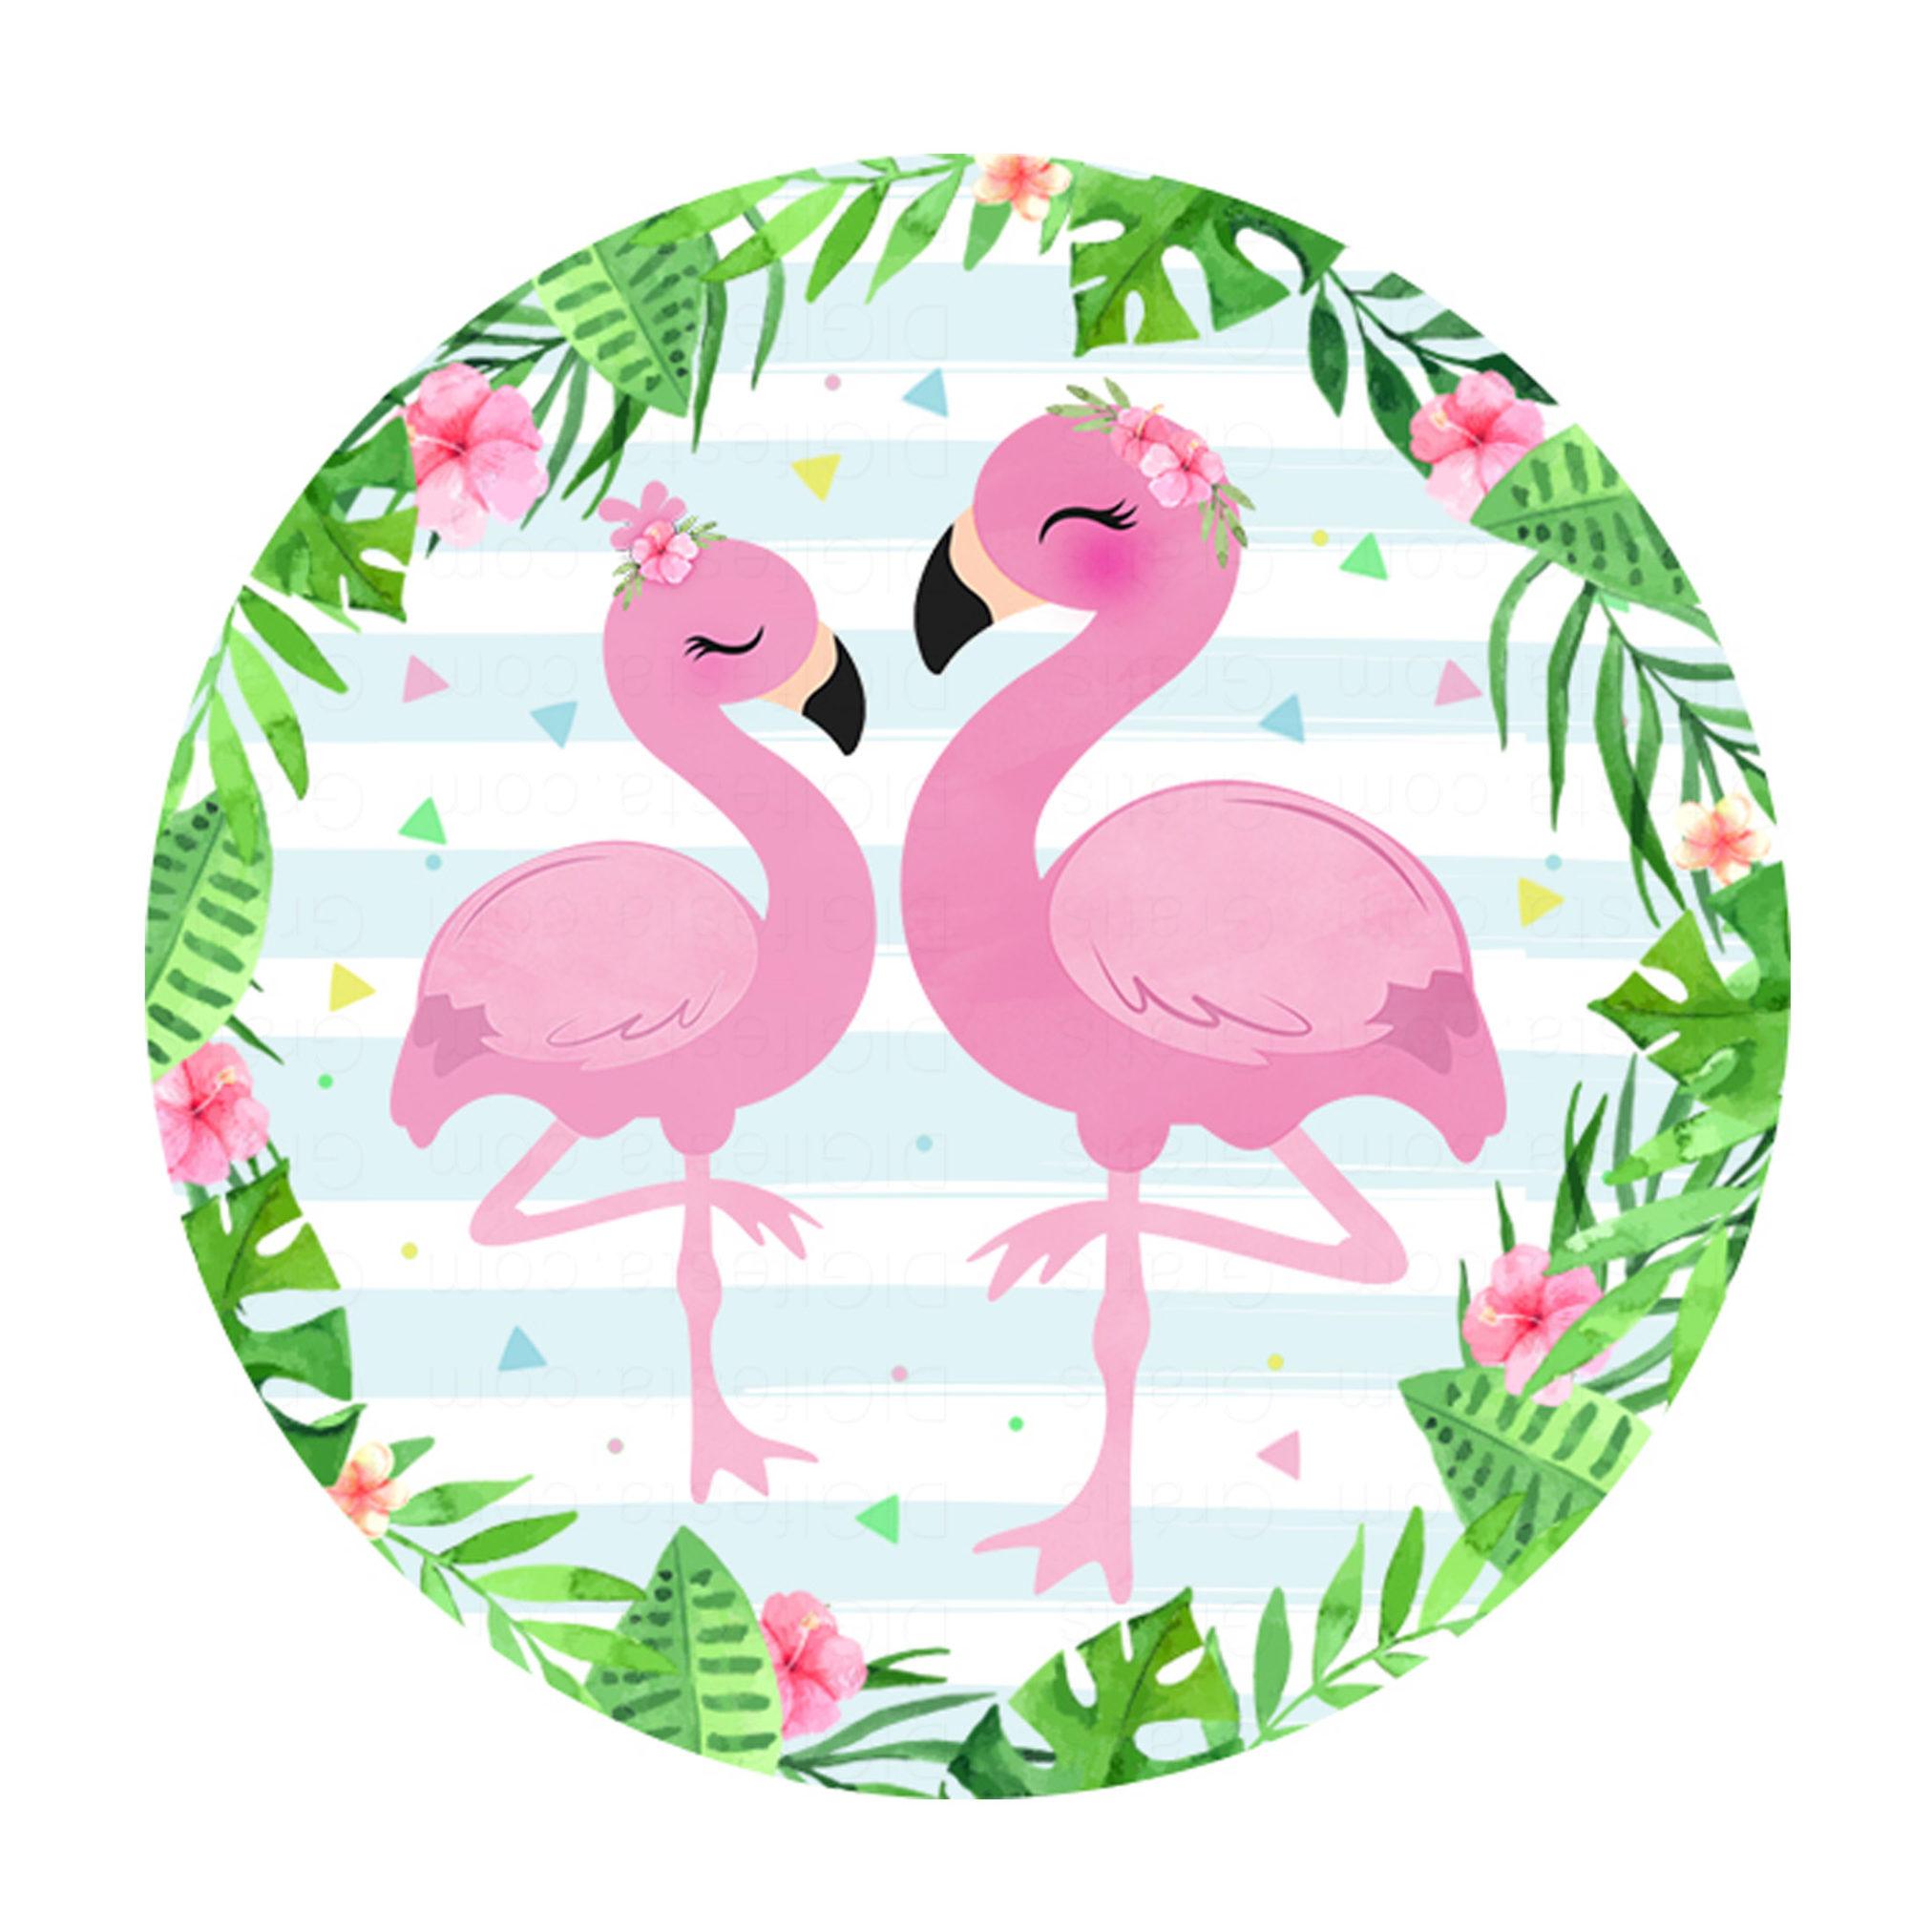 Convite Flamingo Gratis Para Baixar Modelo Diy Ou Para Editar Online